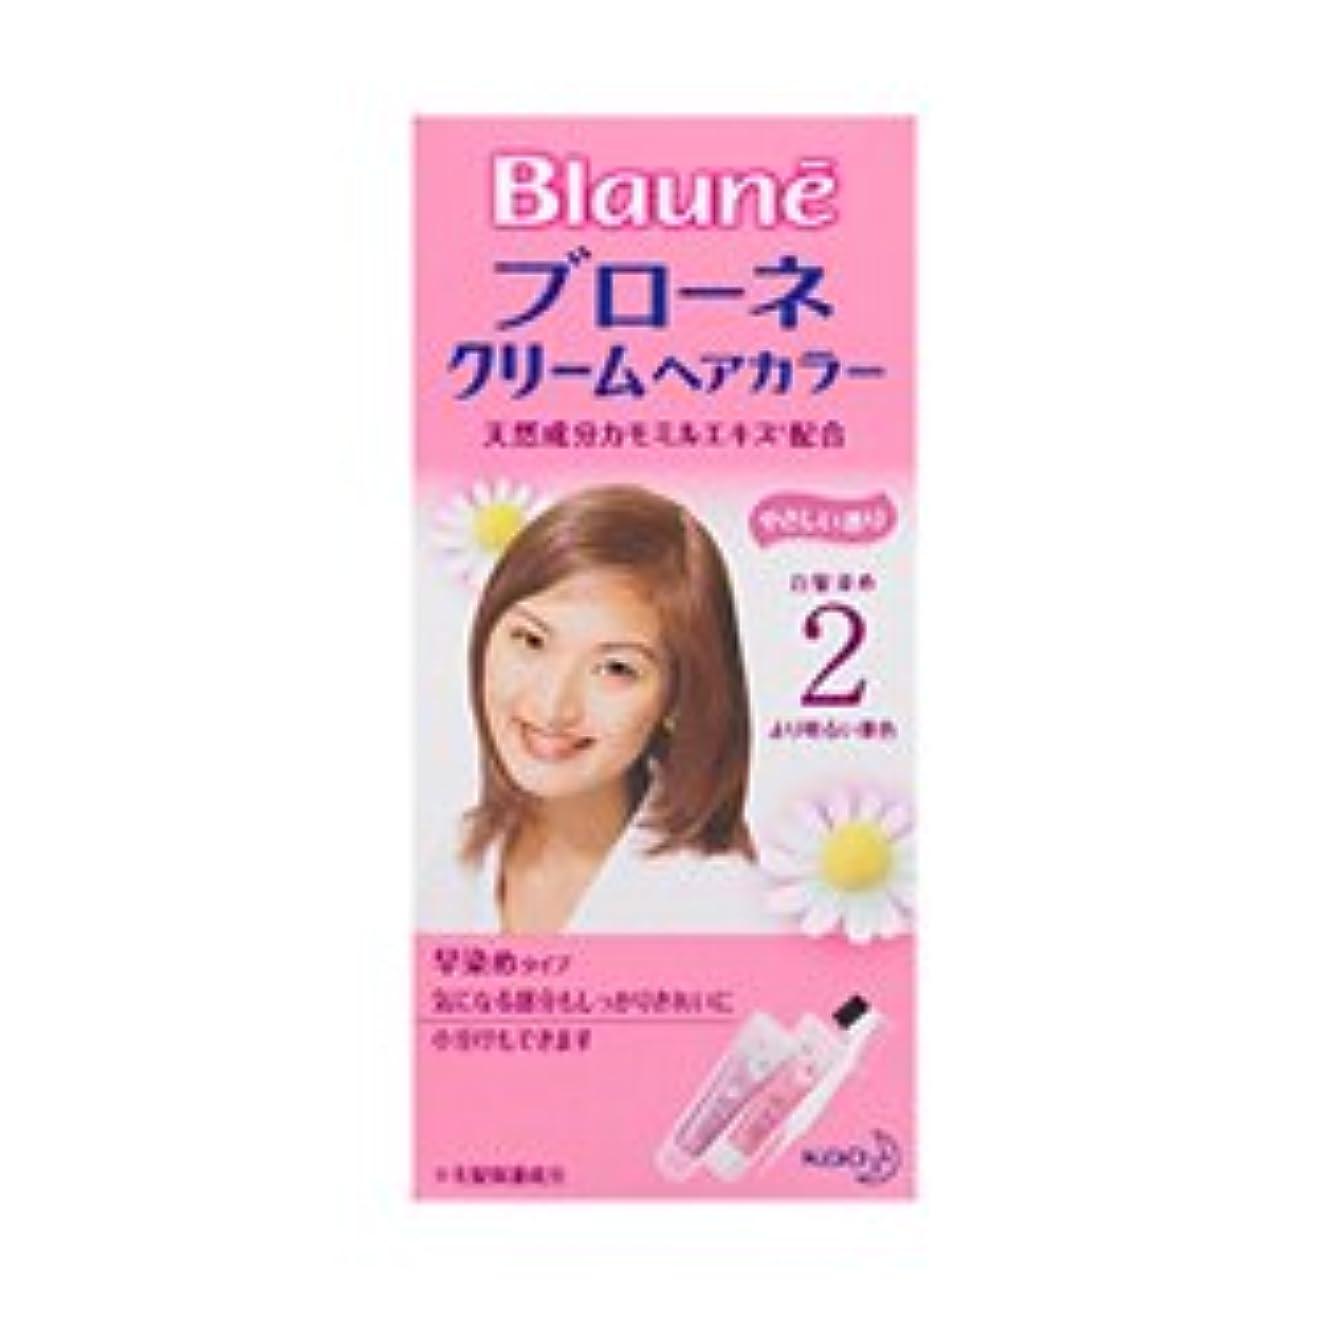 有料外側野望【花王】ブローネ クリームヘアカラー 2より明るい栗色 ×20個セット